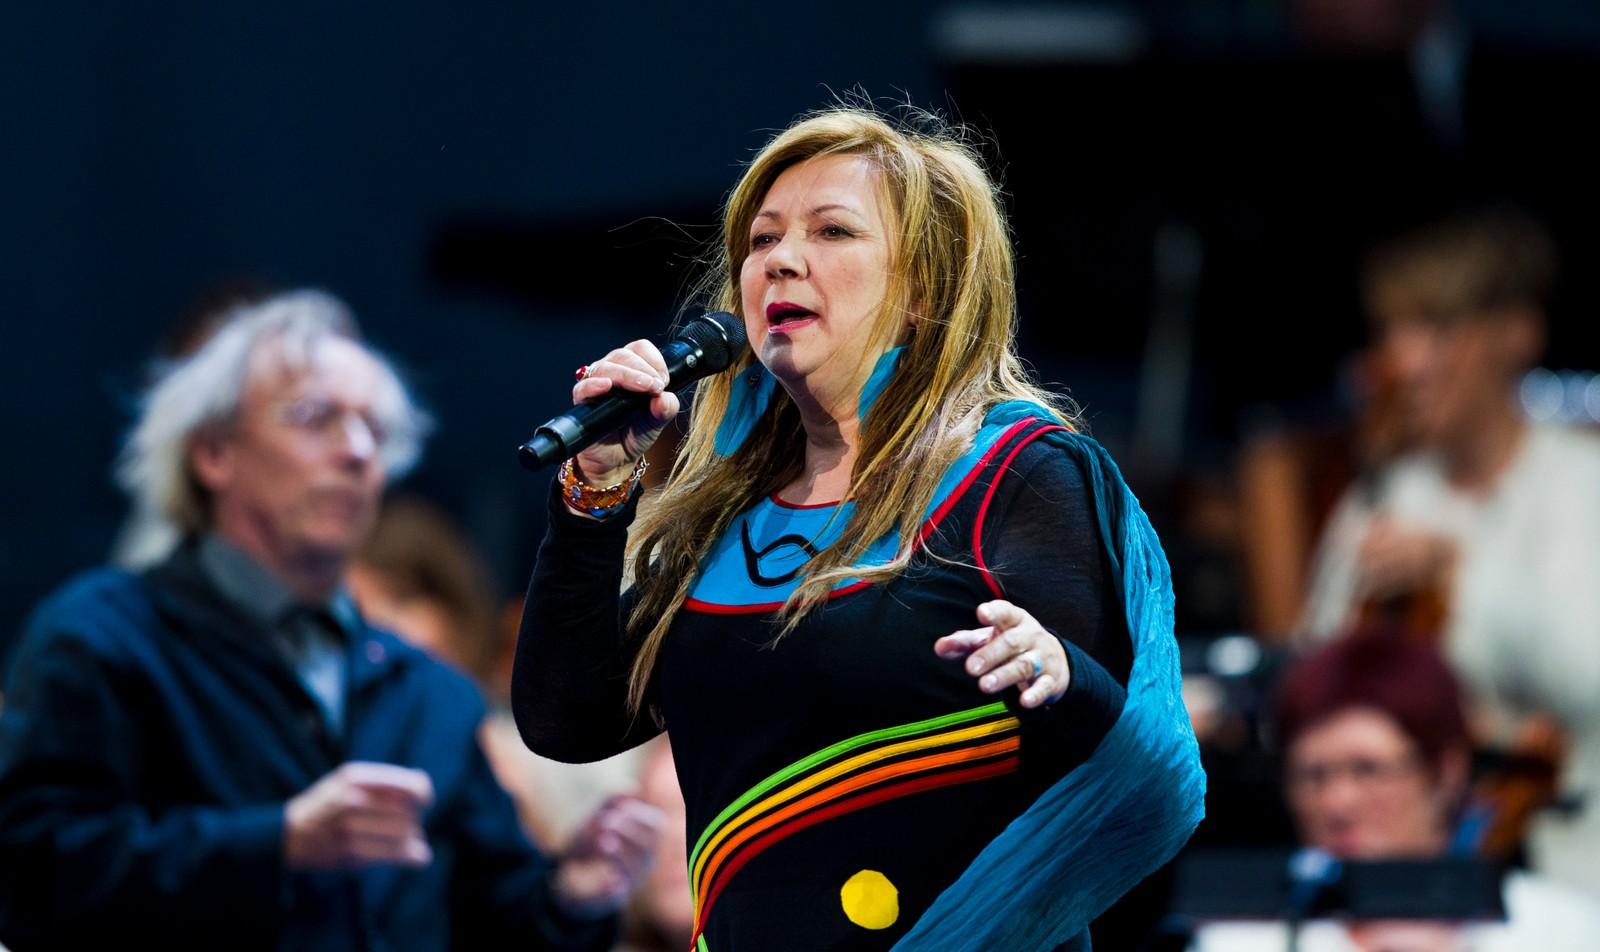 Mari Boine var en av artistene som opptrådde på minnekonserten på Rådhusplassen i Oslo 22. juli 2012, ett år etter terrorangrepene i Regjeringskvartalet og på Utøya 22. juli 2011.